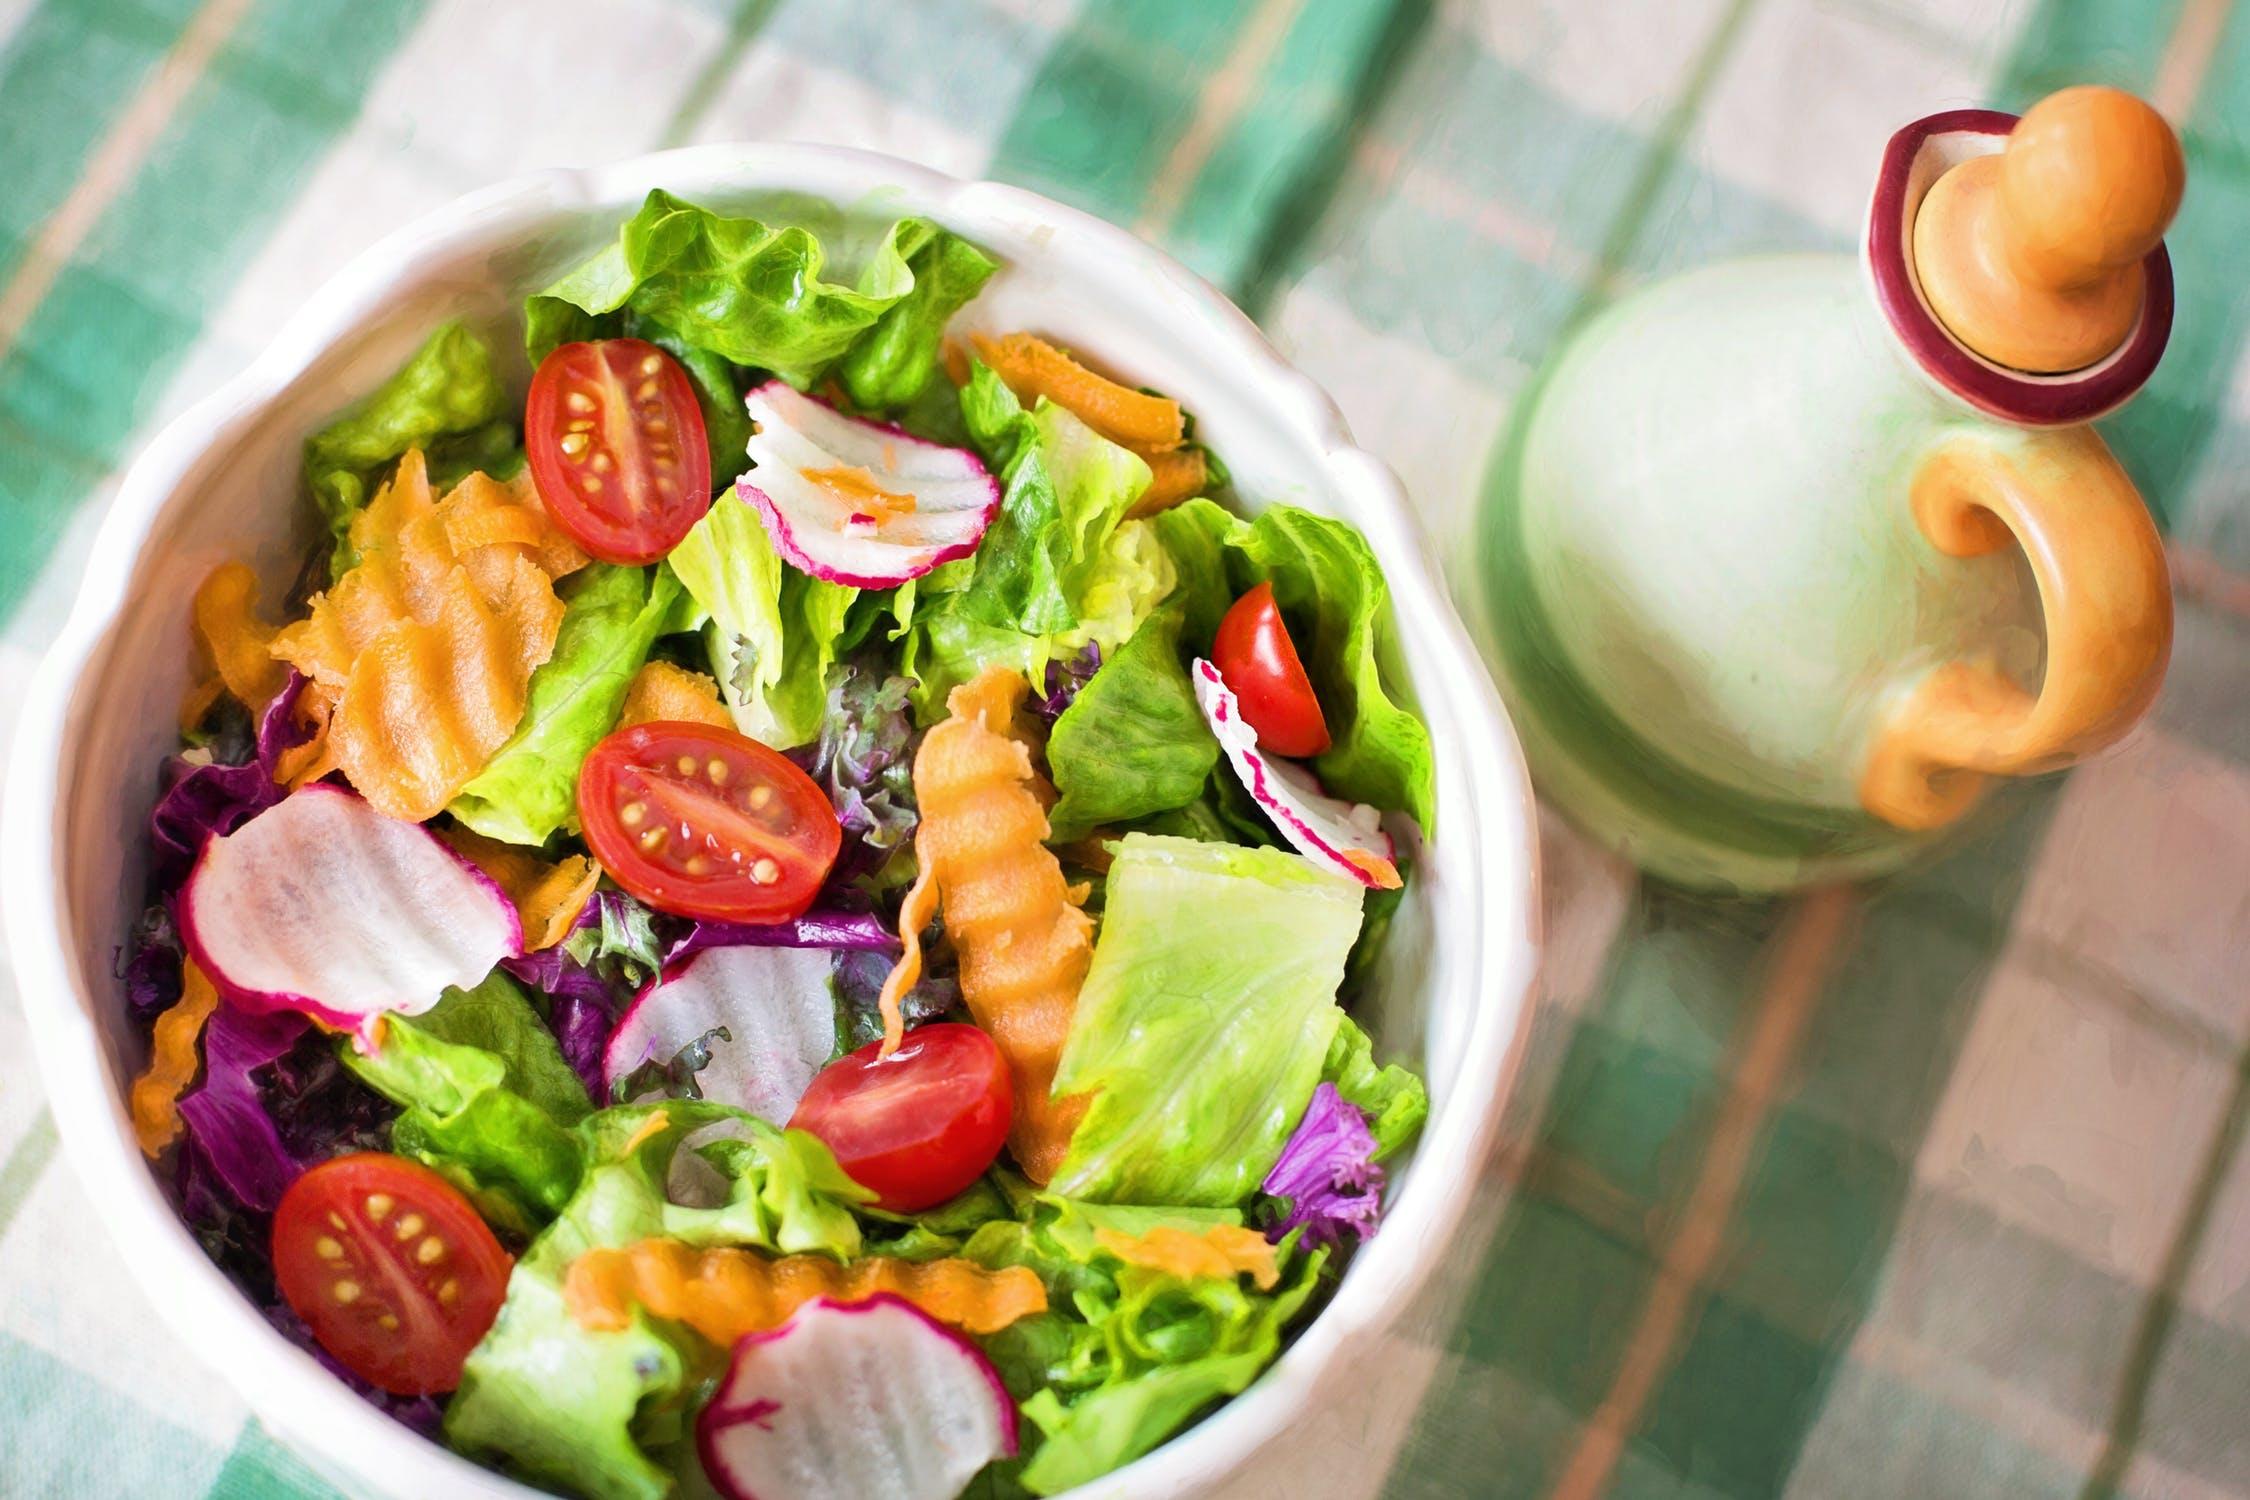 quali alimenti dovrei eliminare dalla mia dieta dimagrante?